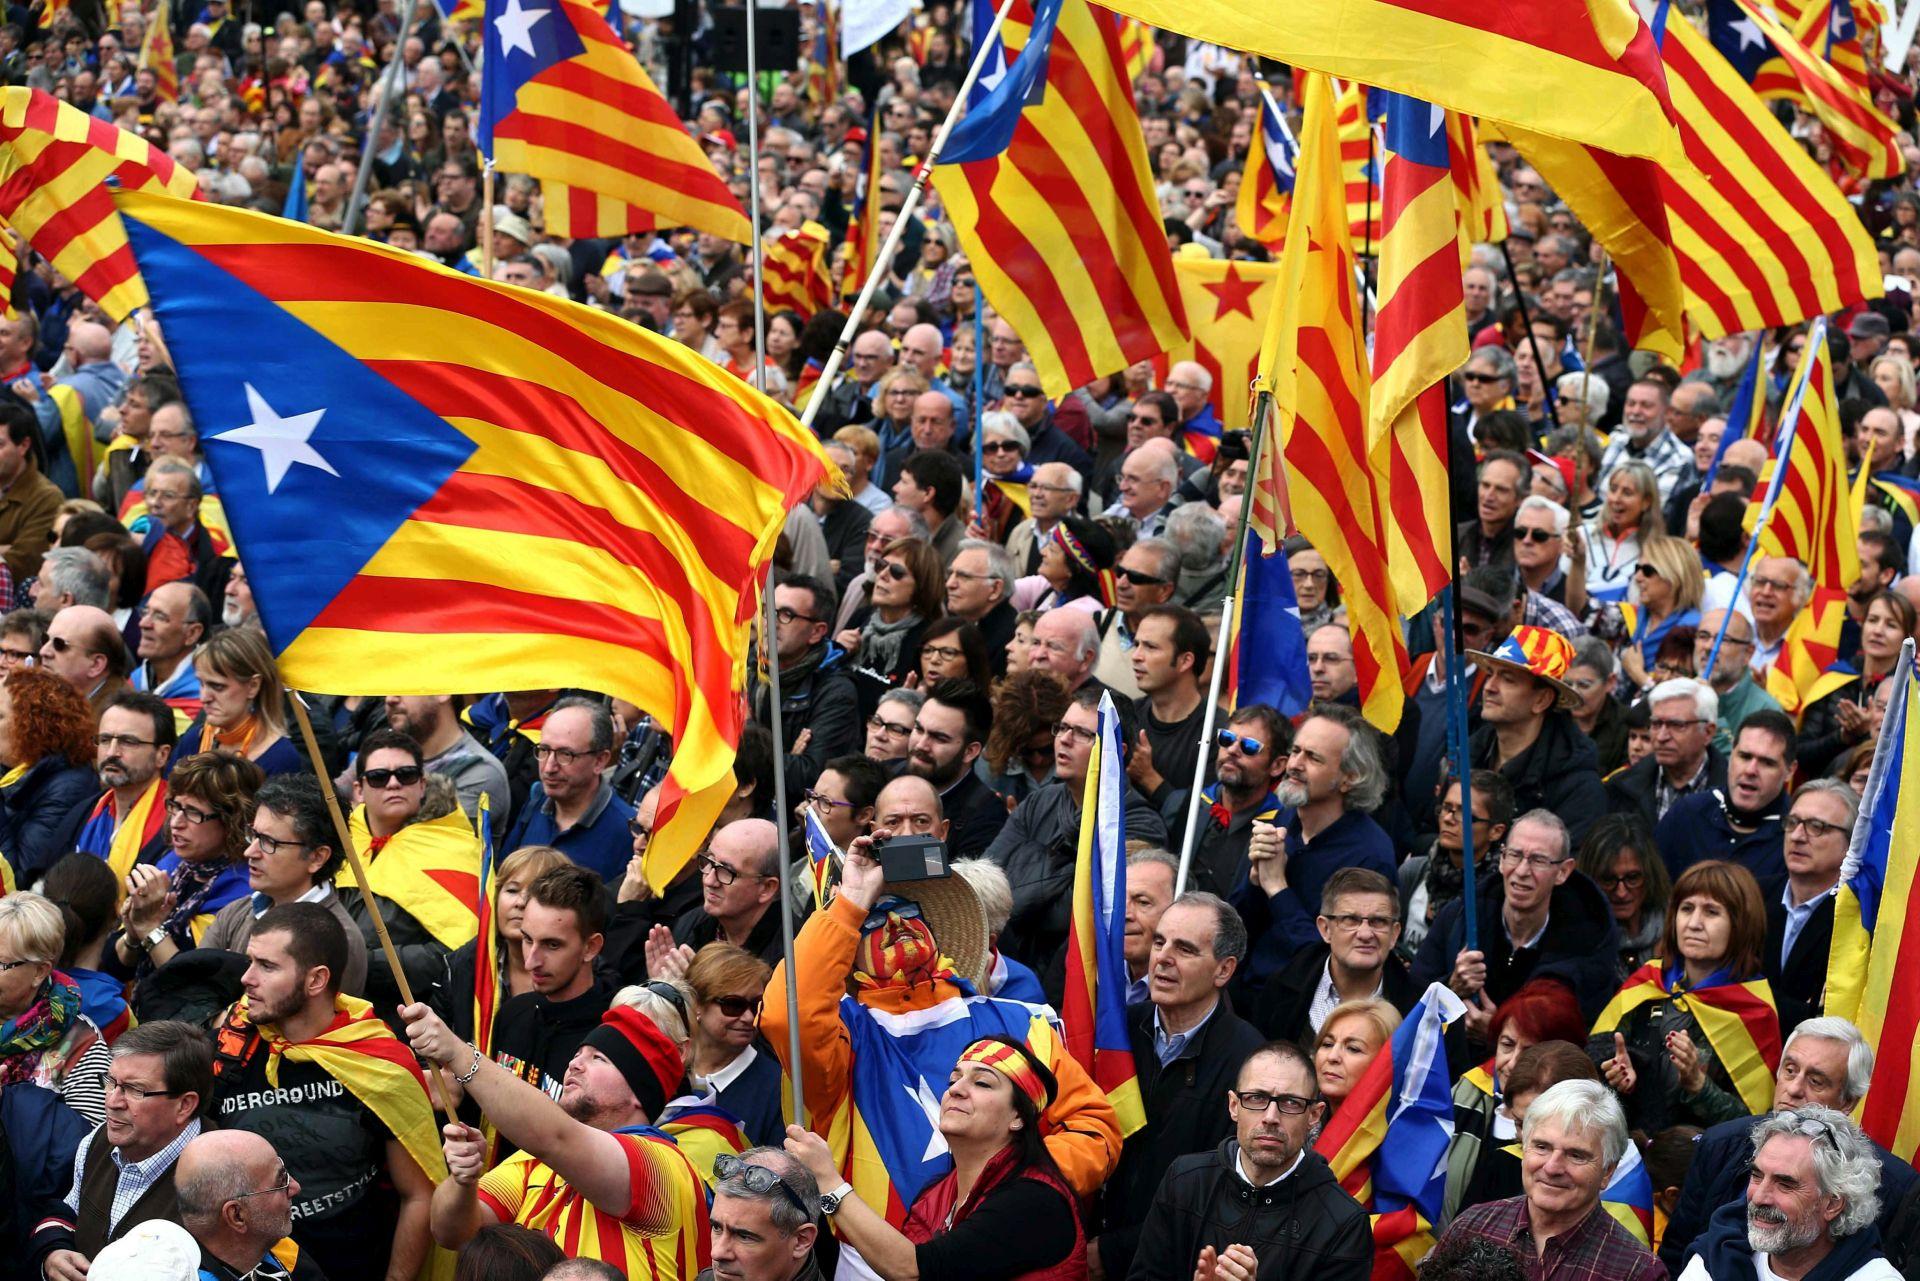 ANKETE Krajnje neizvjesni izbori u Kataloniji